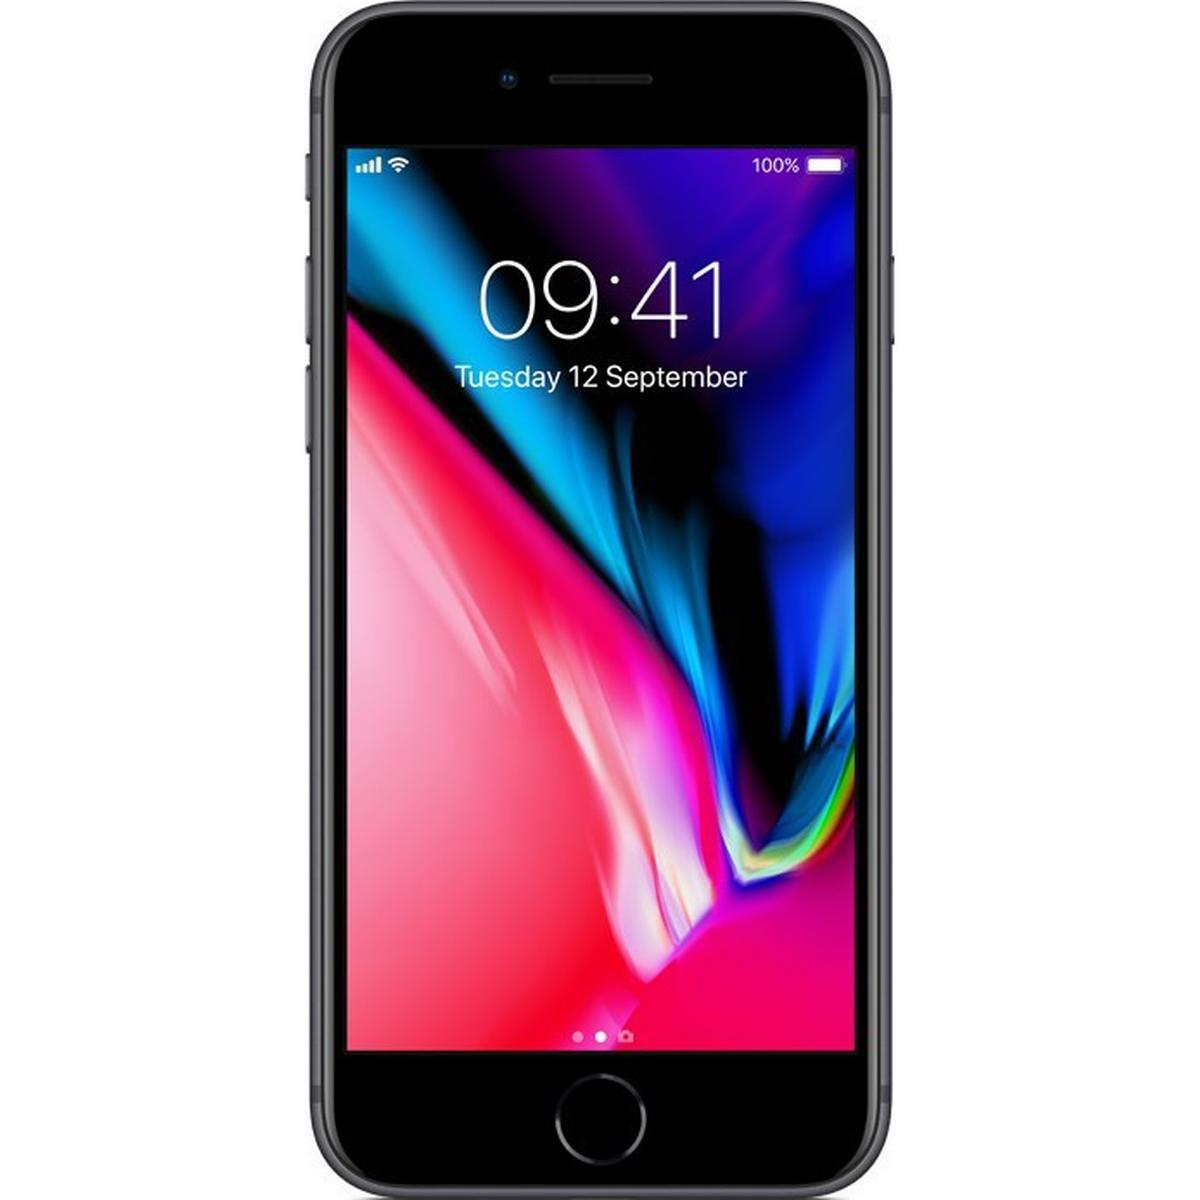 596715d1ef6 Mobiltelefon - Sammenlign priser på mobiltelefoner hos PriceRunner